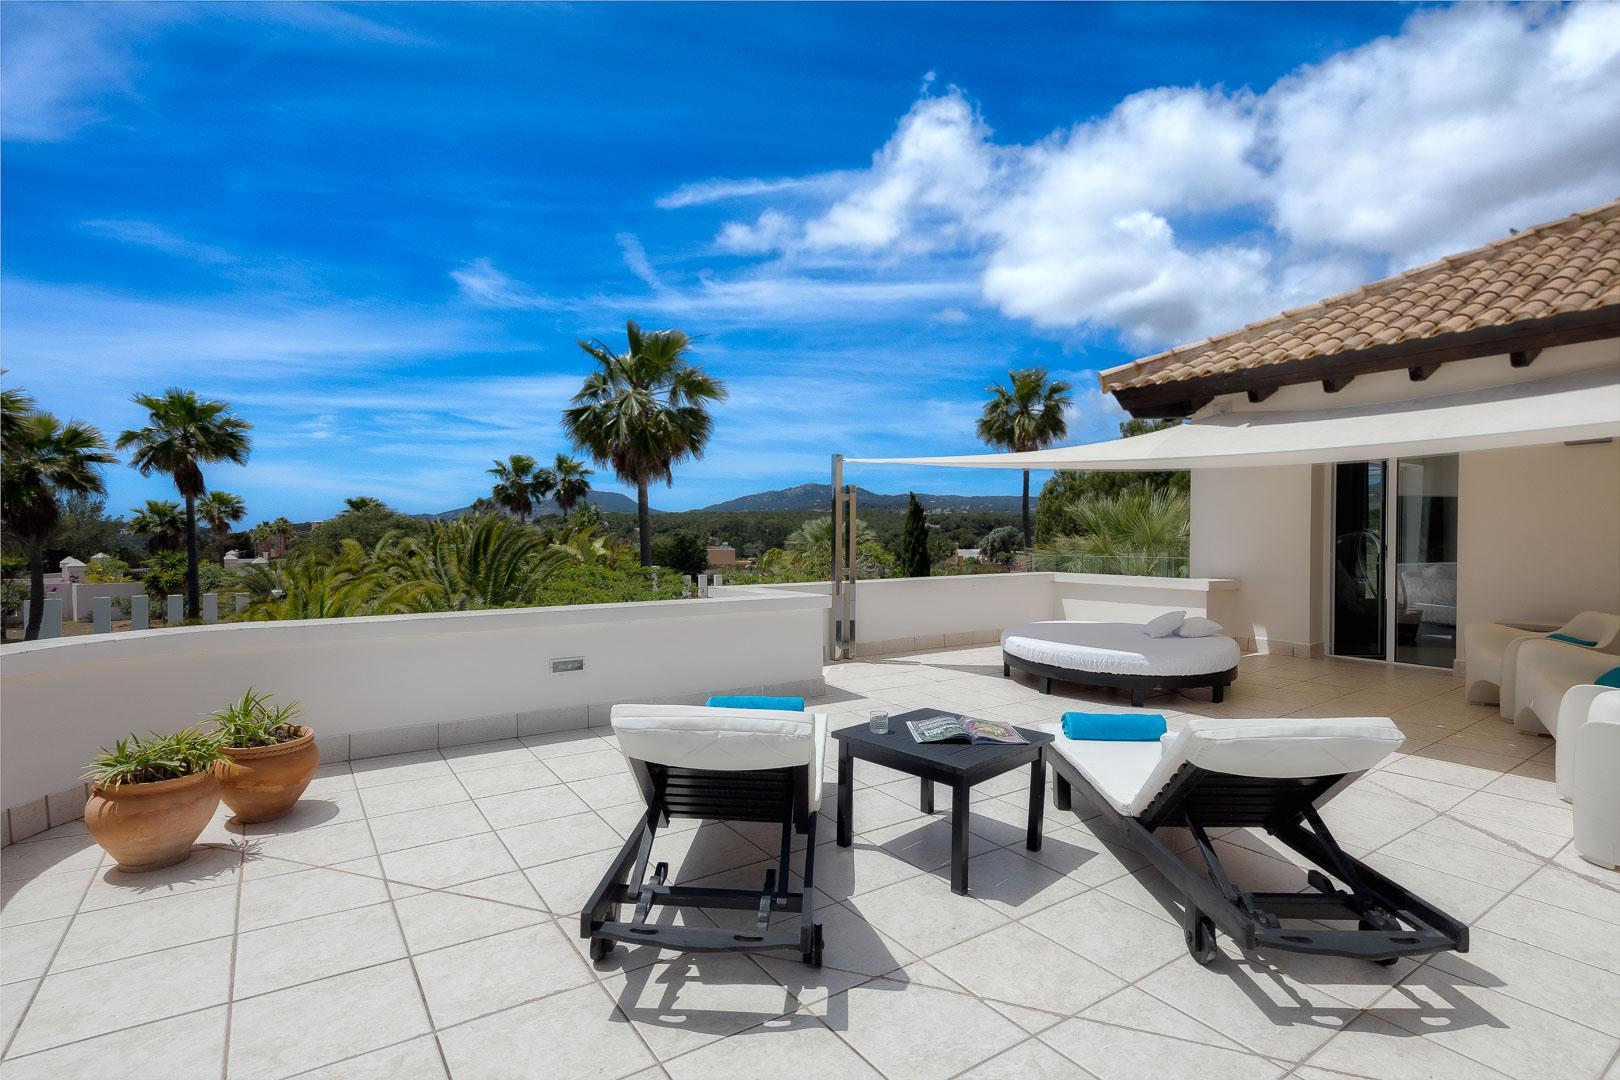 Villa real estate terraza suite pricipal vistas exterior